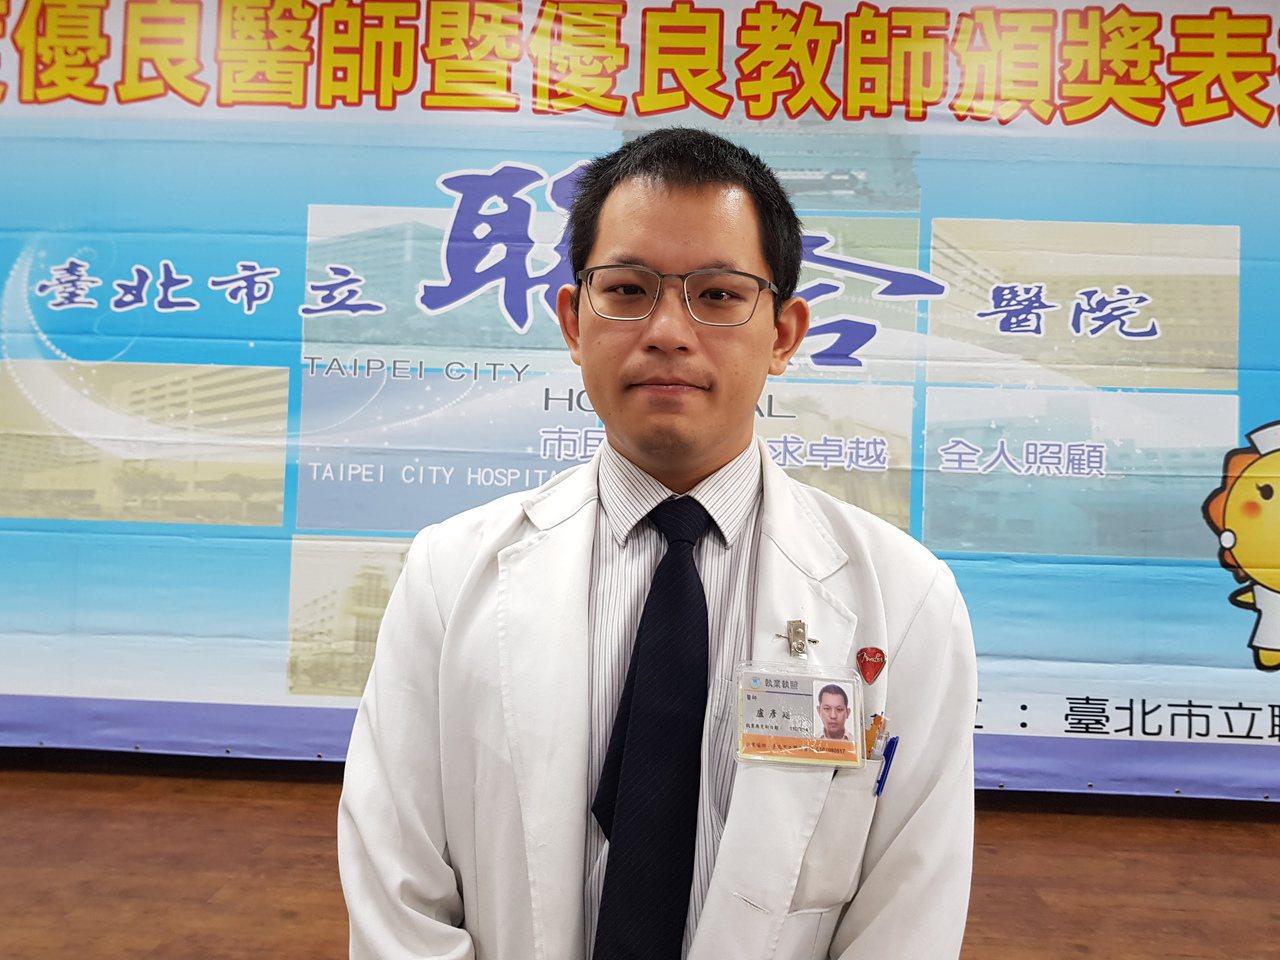 今天11月12日是醫師節,台北市立聯合醫院舉辦優良醫師暨優良教師頒獎表揚大會,由...